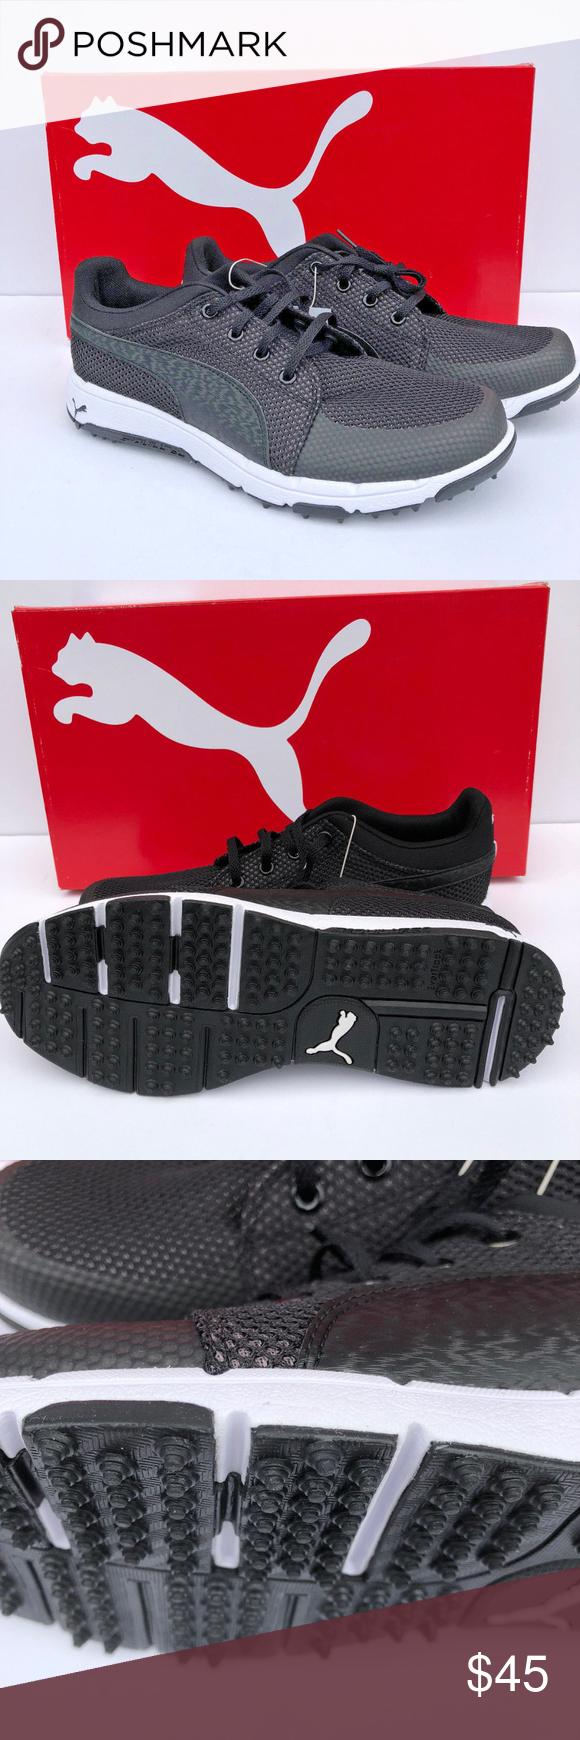 a32fe5966c649f Men s Puma Grip-Sport-Tech Spikeless Golf Shoe NEW Puma Men s Grip Sport  Tech